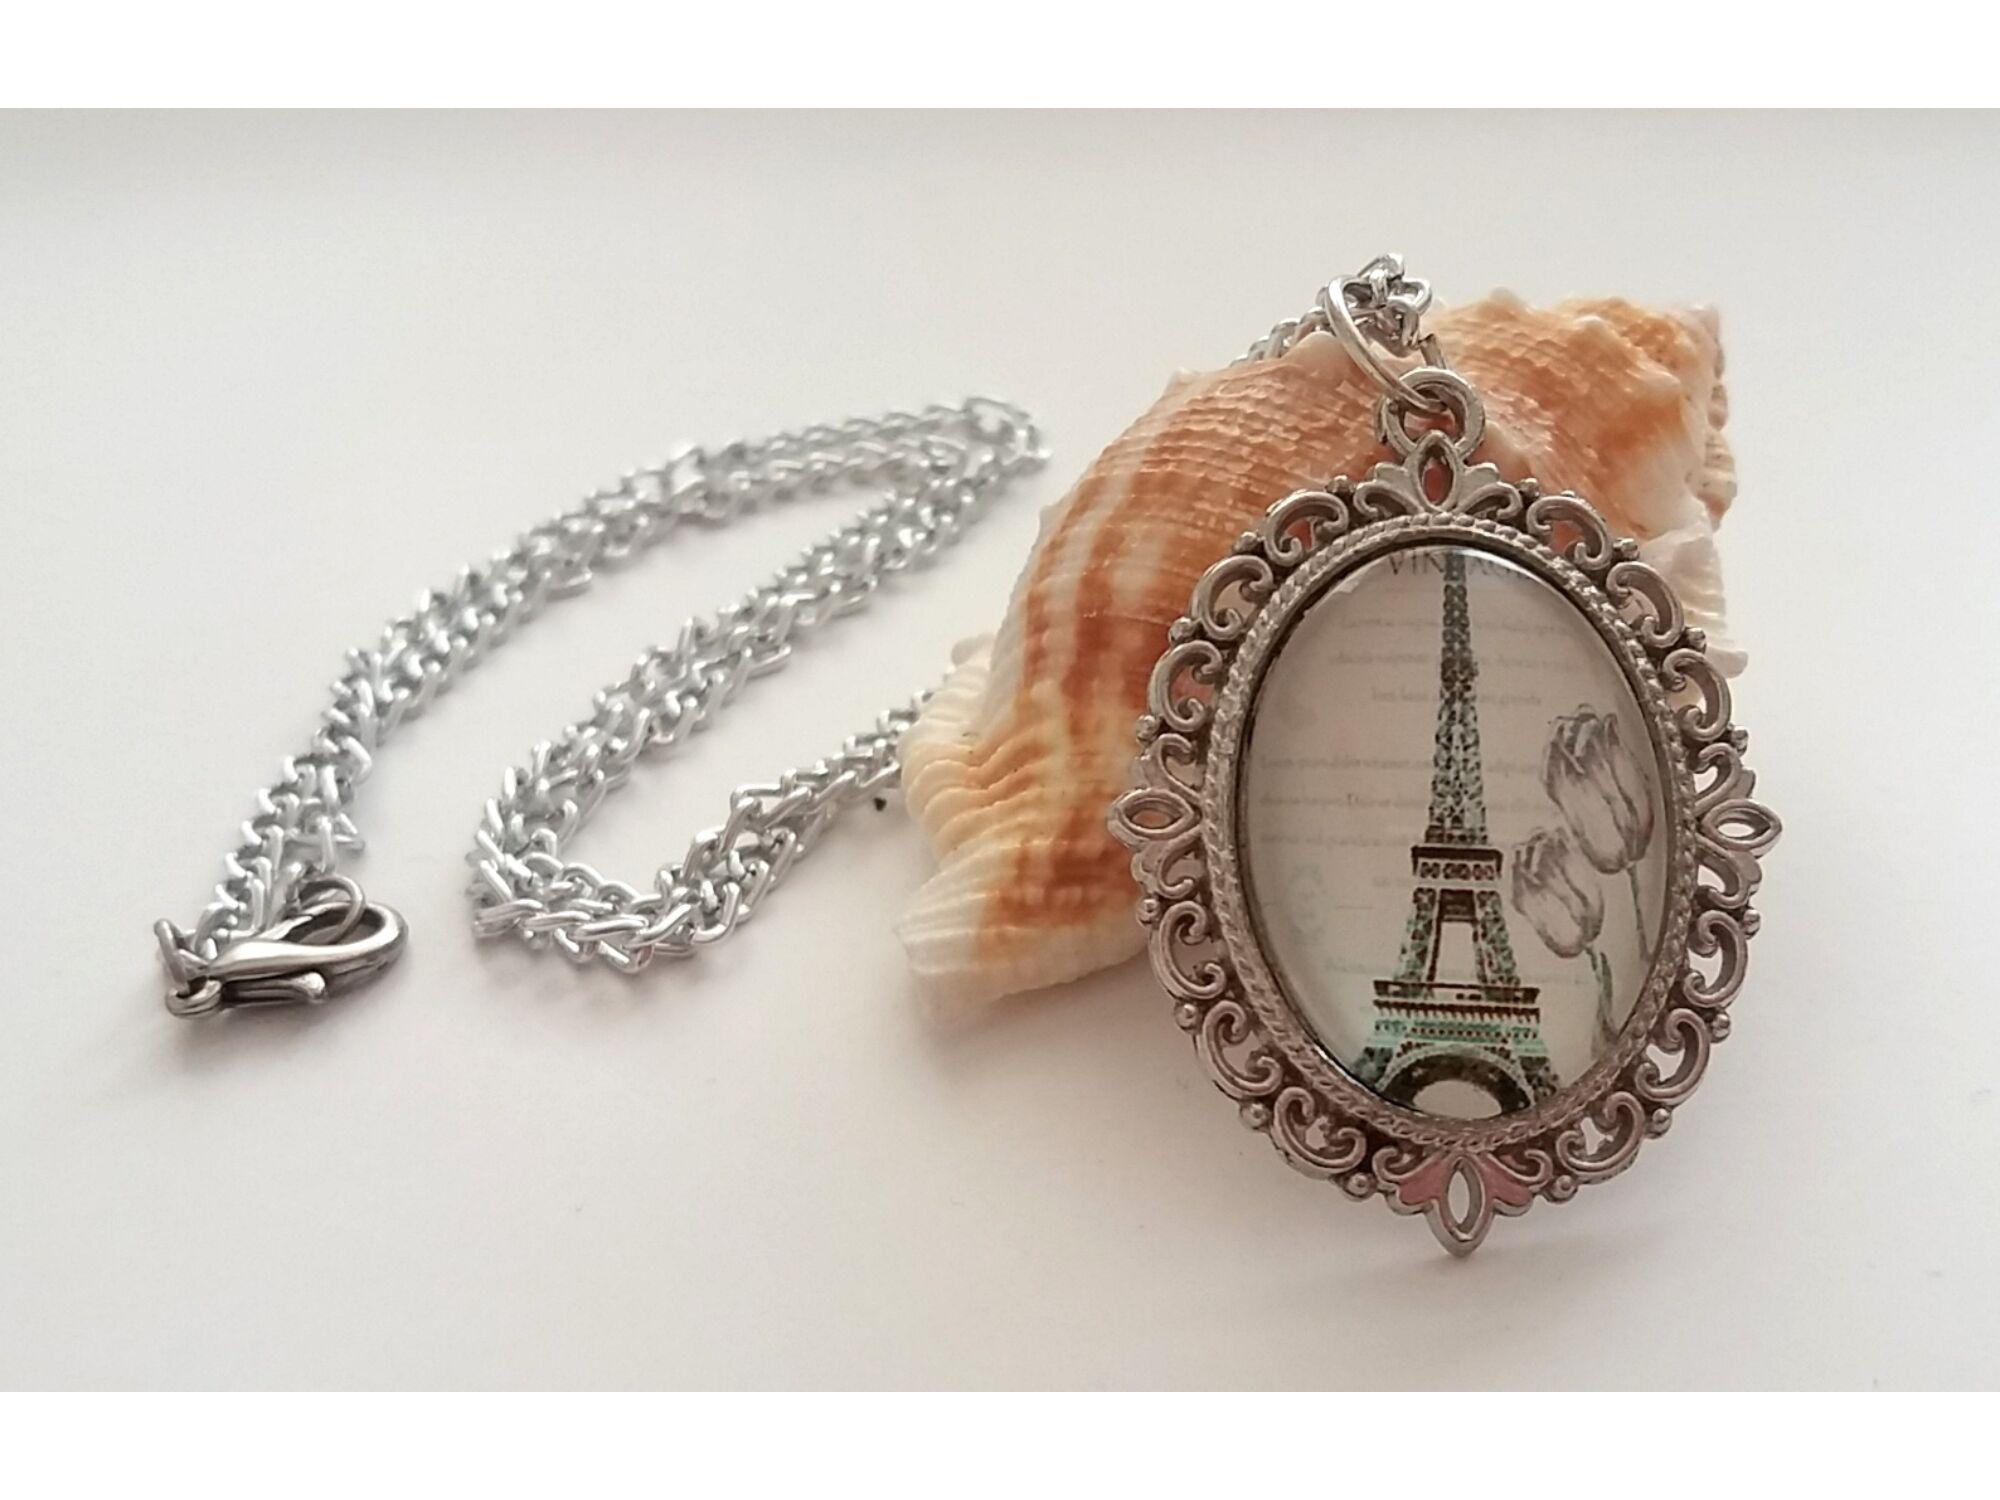 Párizs nyaklánc